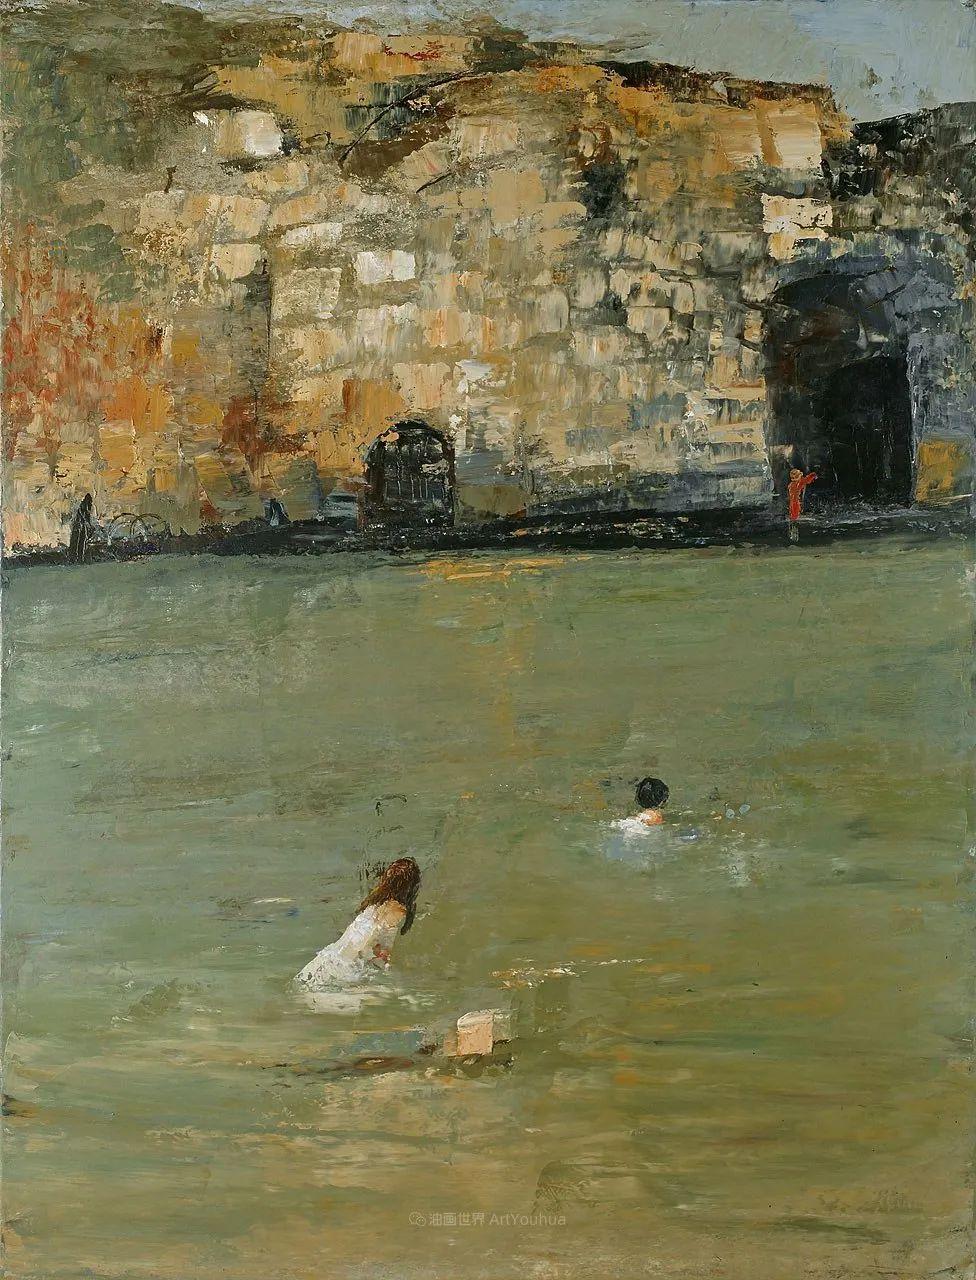 马耳他女画家 Goxwa Borg 戈克斯瓦·博格作品欣赏: 古典又现代!插图47